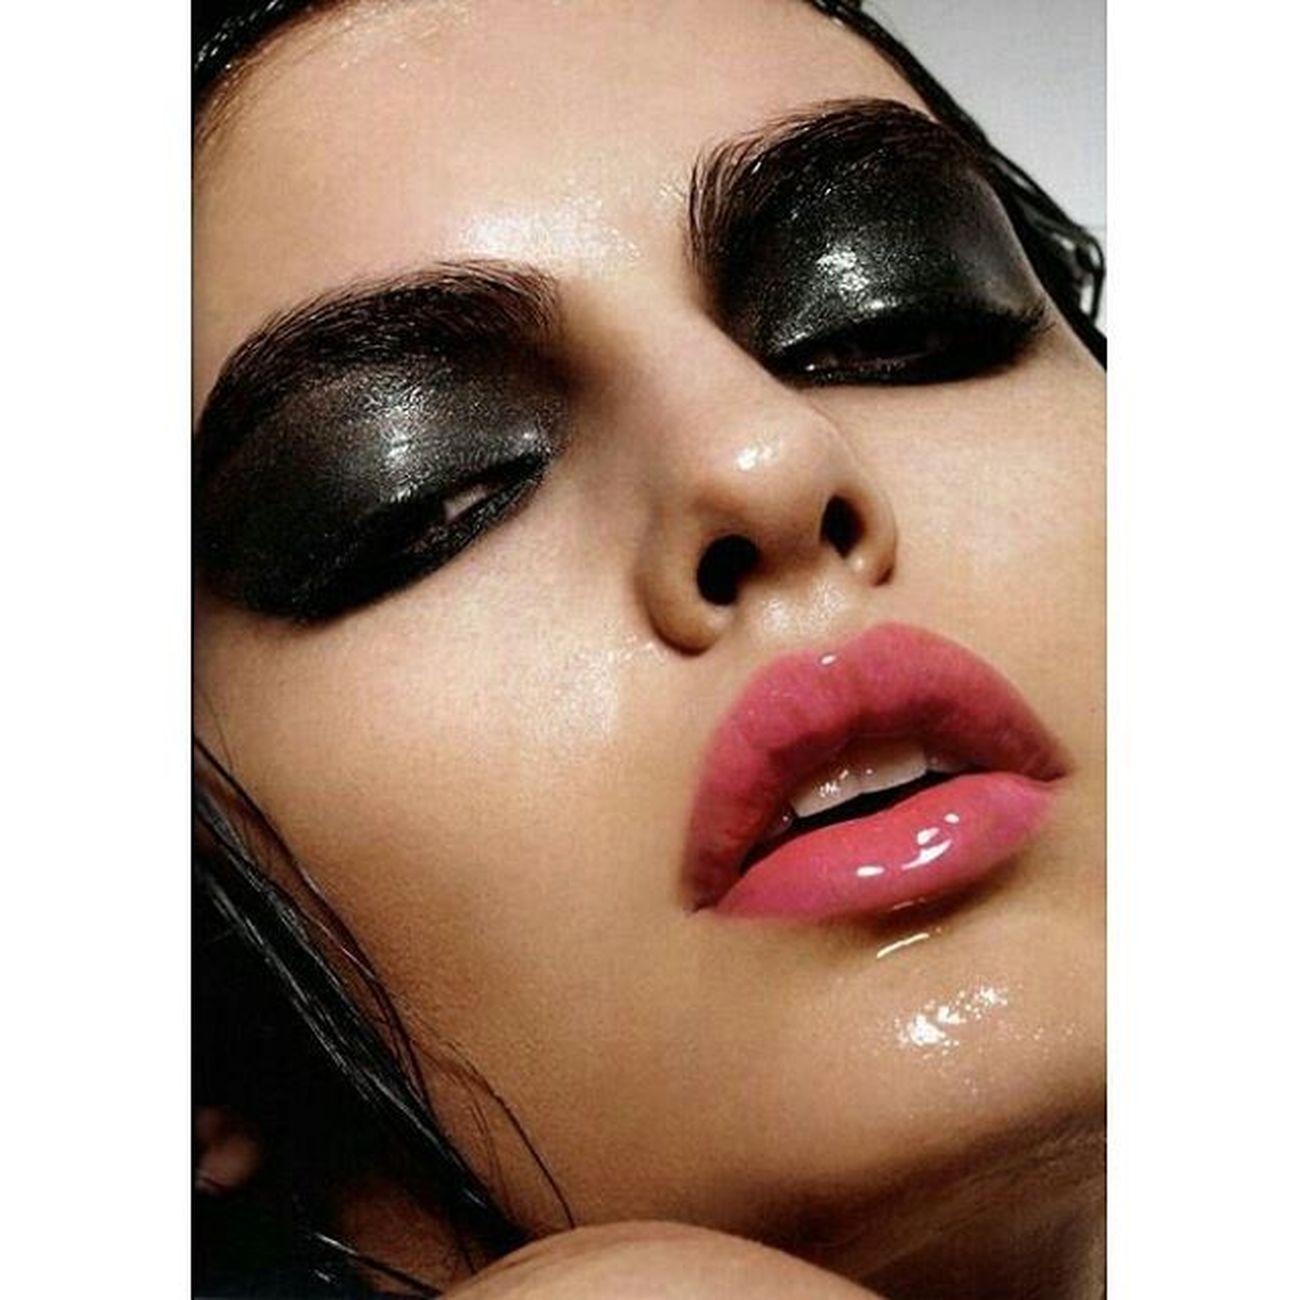 Eyesandlips Eyes Smokeyeye Eyes Eyemakeup Lips pink lips Lipstick Eyecolor Lipcolor Makeup